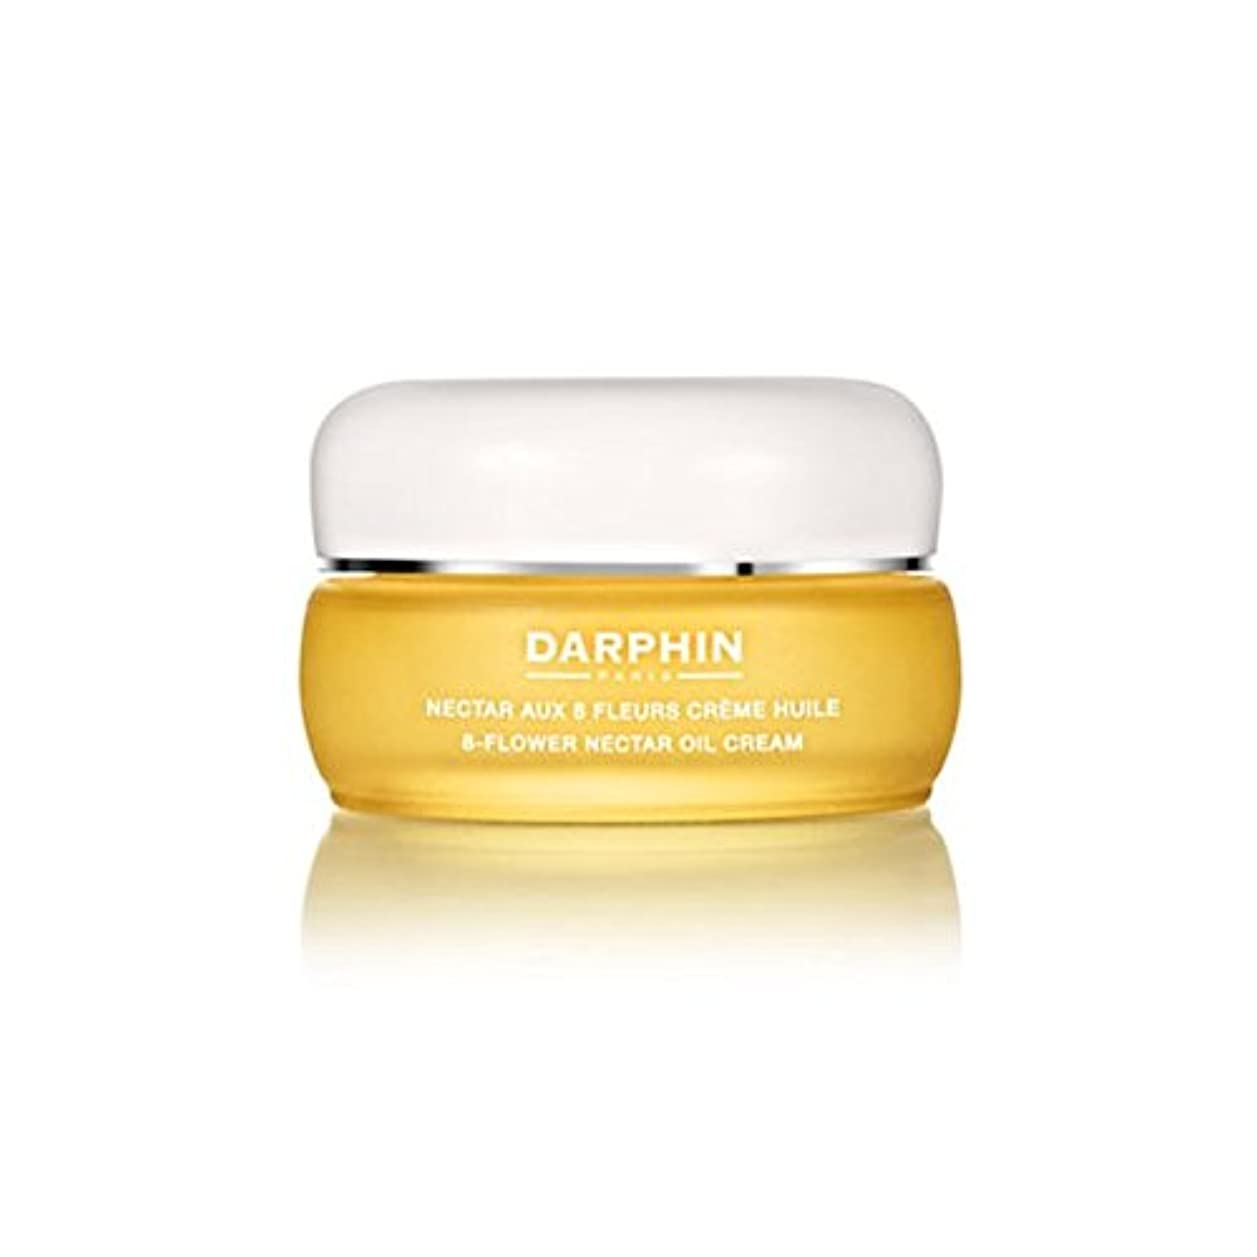 マーク半ば圧縮するダルファン8フラワー油クリーム(30ミリリットル) x4 - Darphin 8-Flower Oil Cream (30ml) (Pack of 4) [並行輸入品]